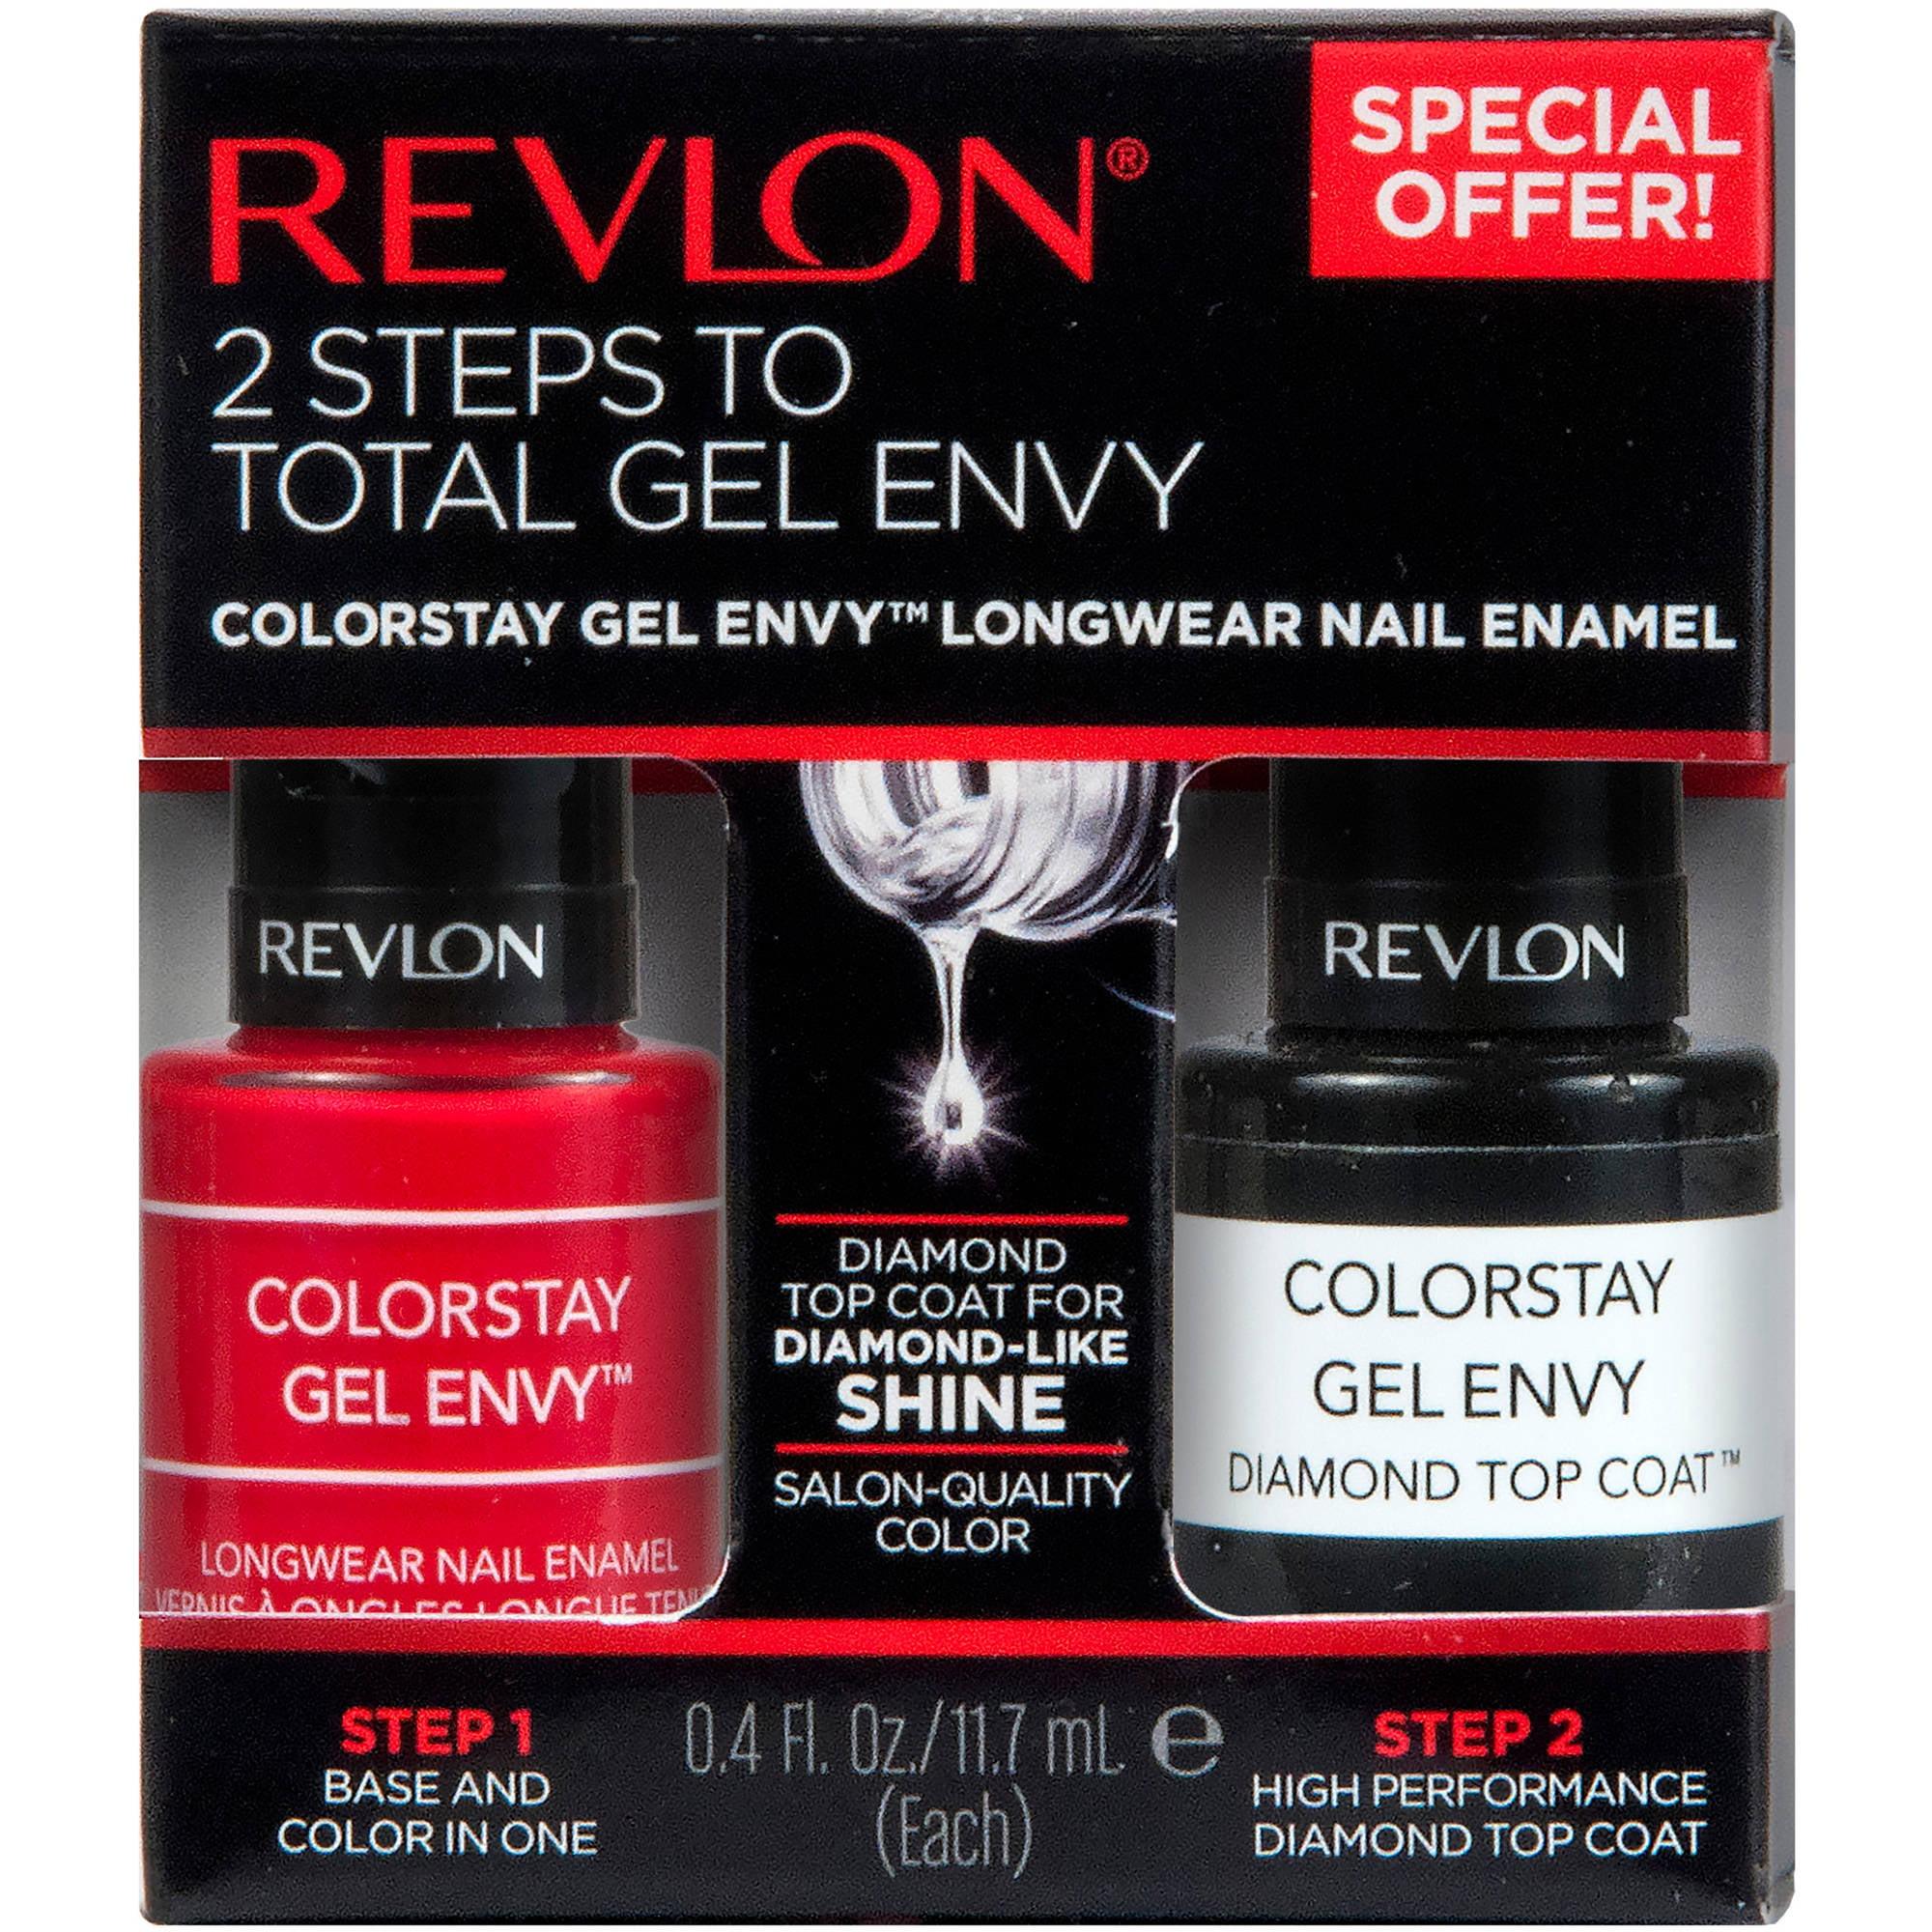 Revlon ColorStay Gel Envy Longwear Nail Enamel, .4 fl oz, 2 count